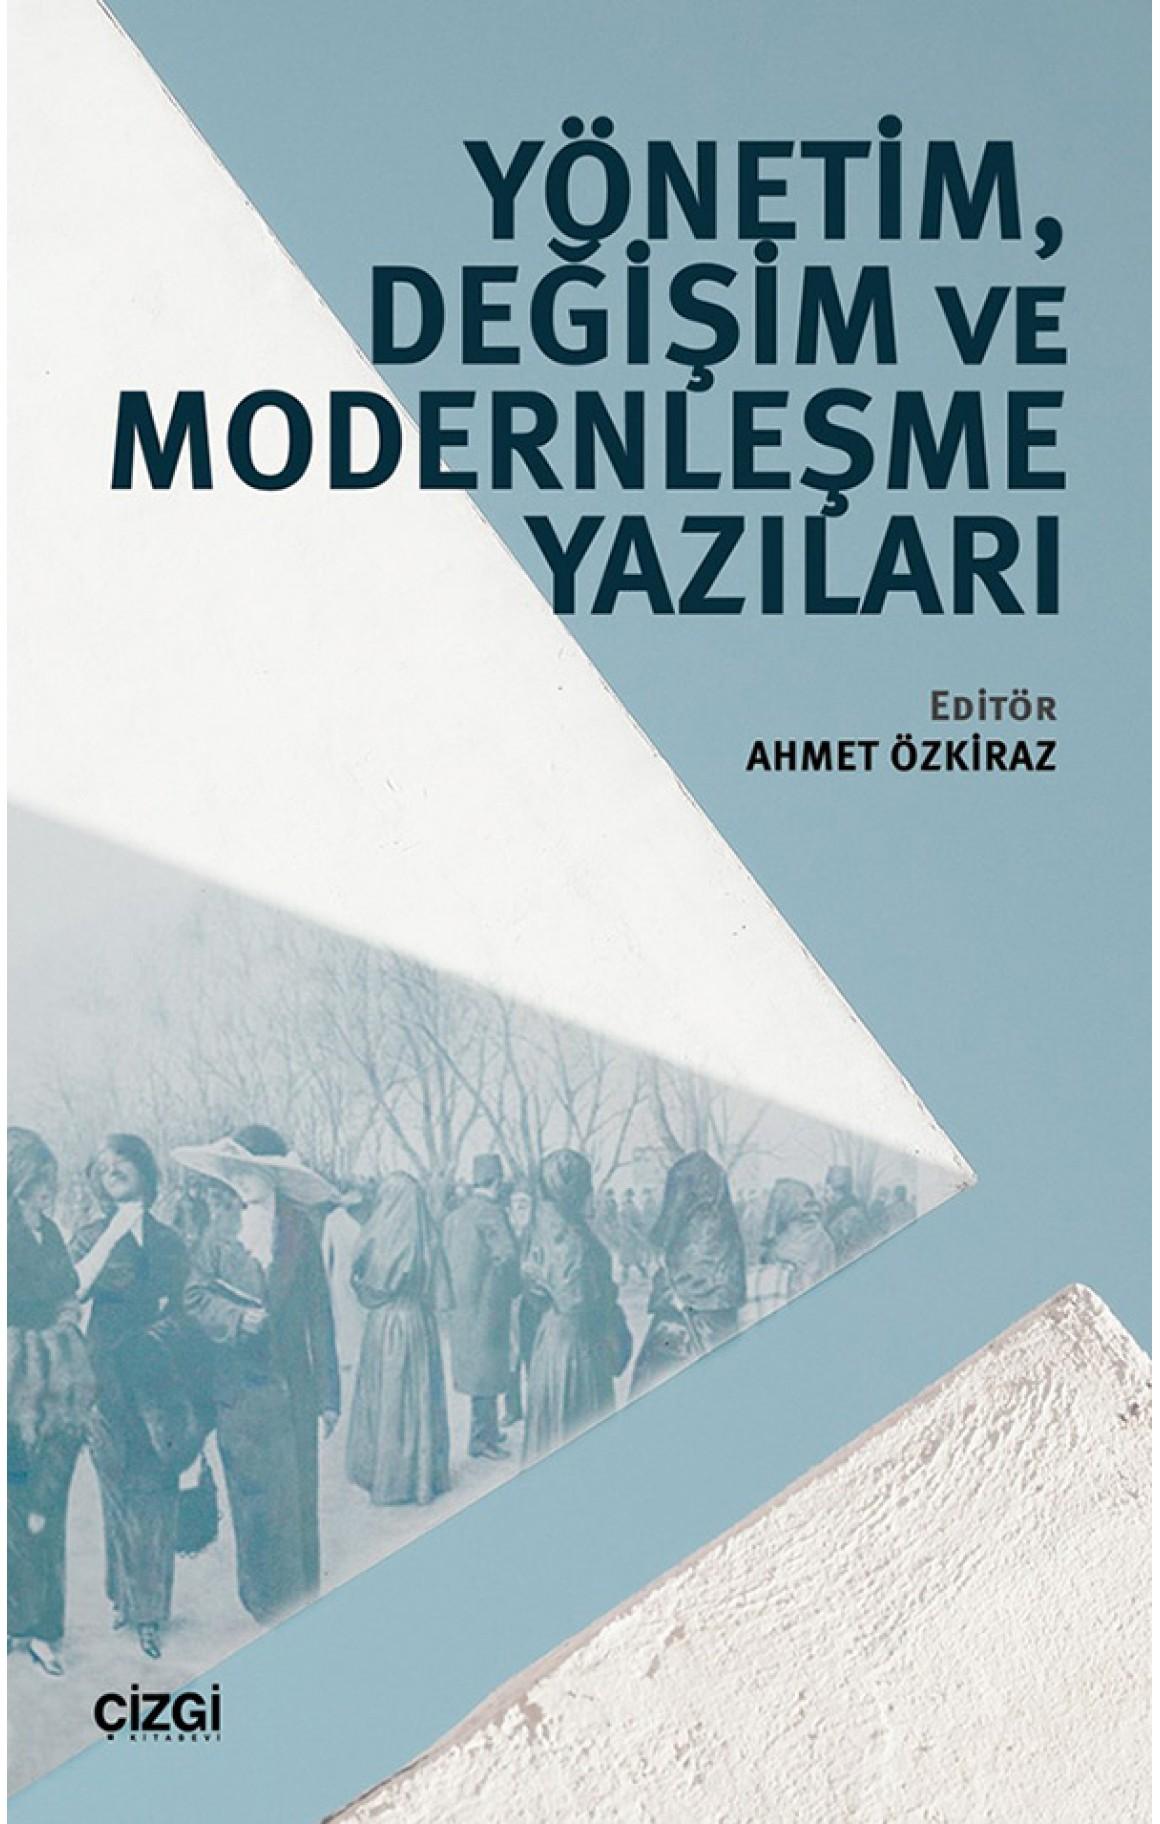 Yönetim,Değişim ve Modernleşme